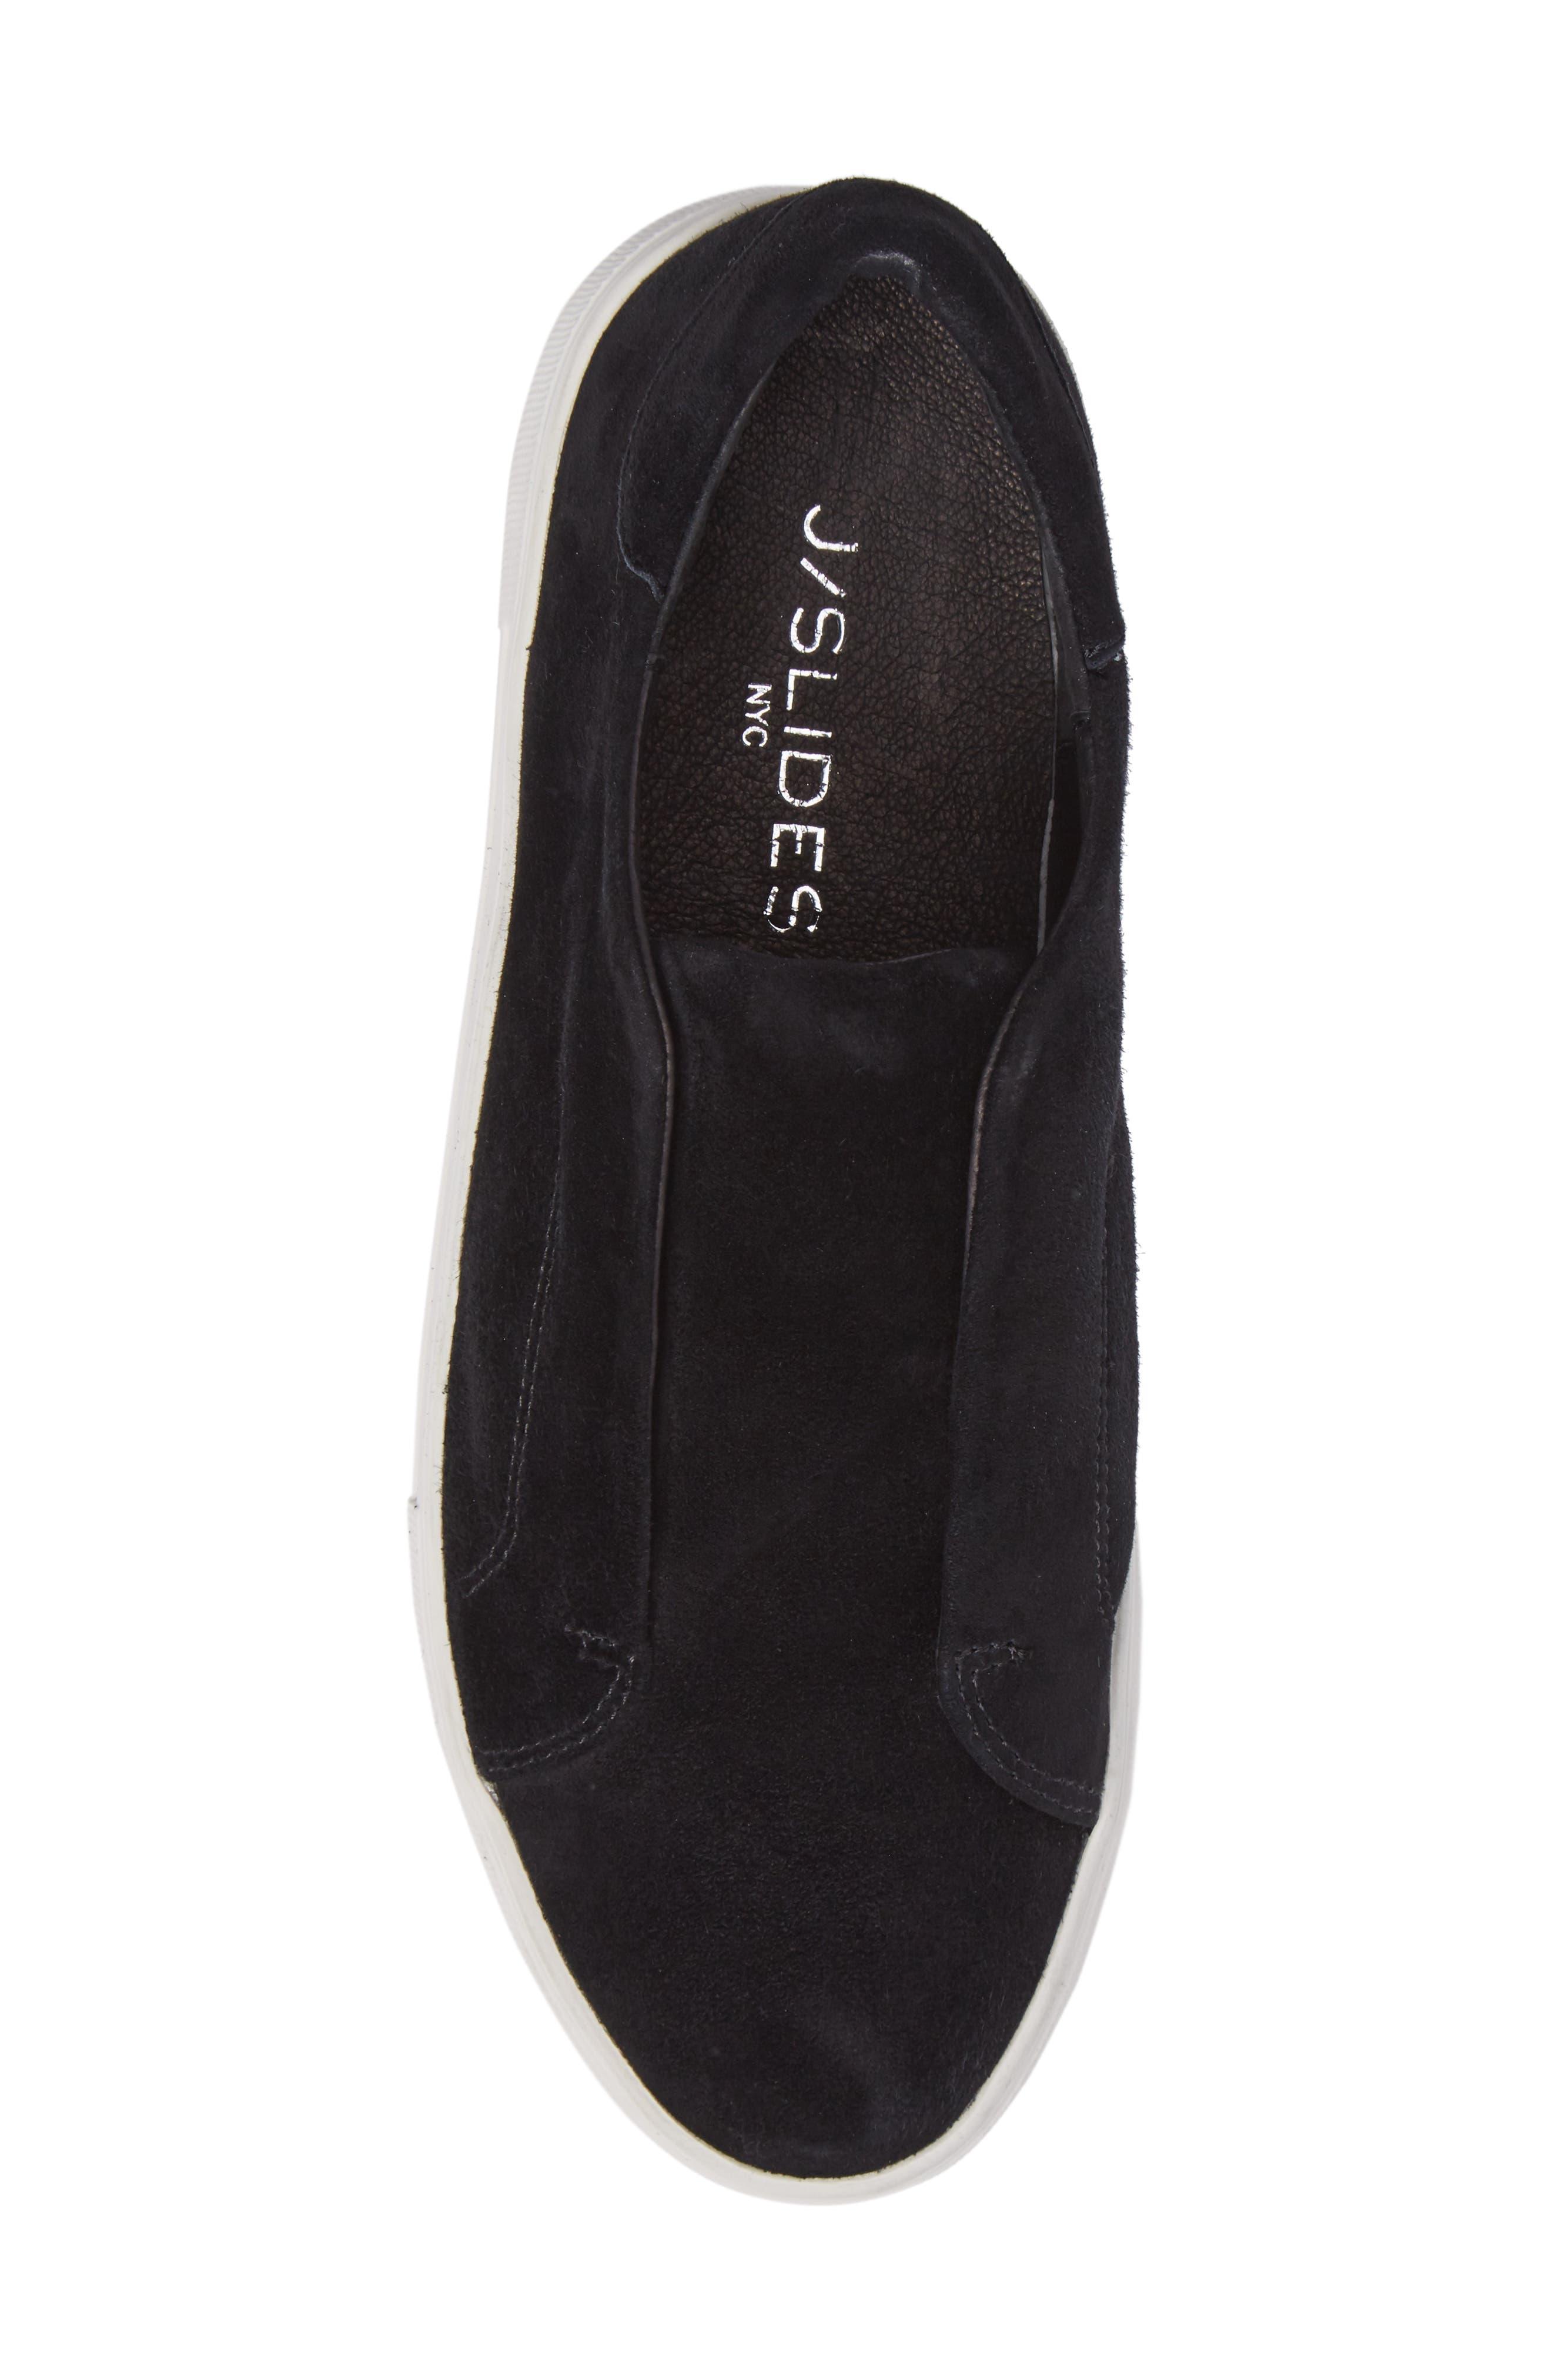 JSLIDES, Alara Slip-On Sneaker, Alternate thumbnail 5, color, 002